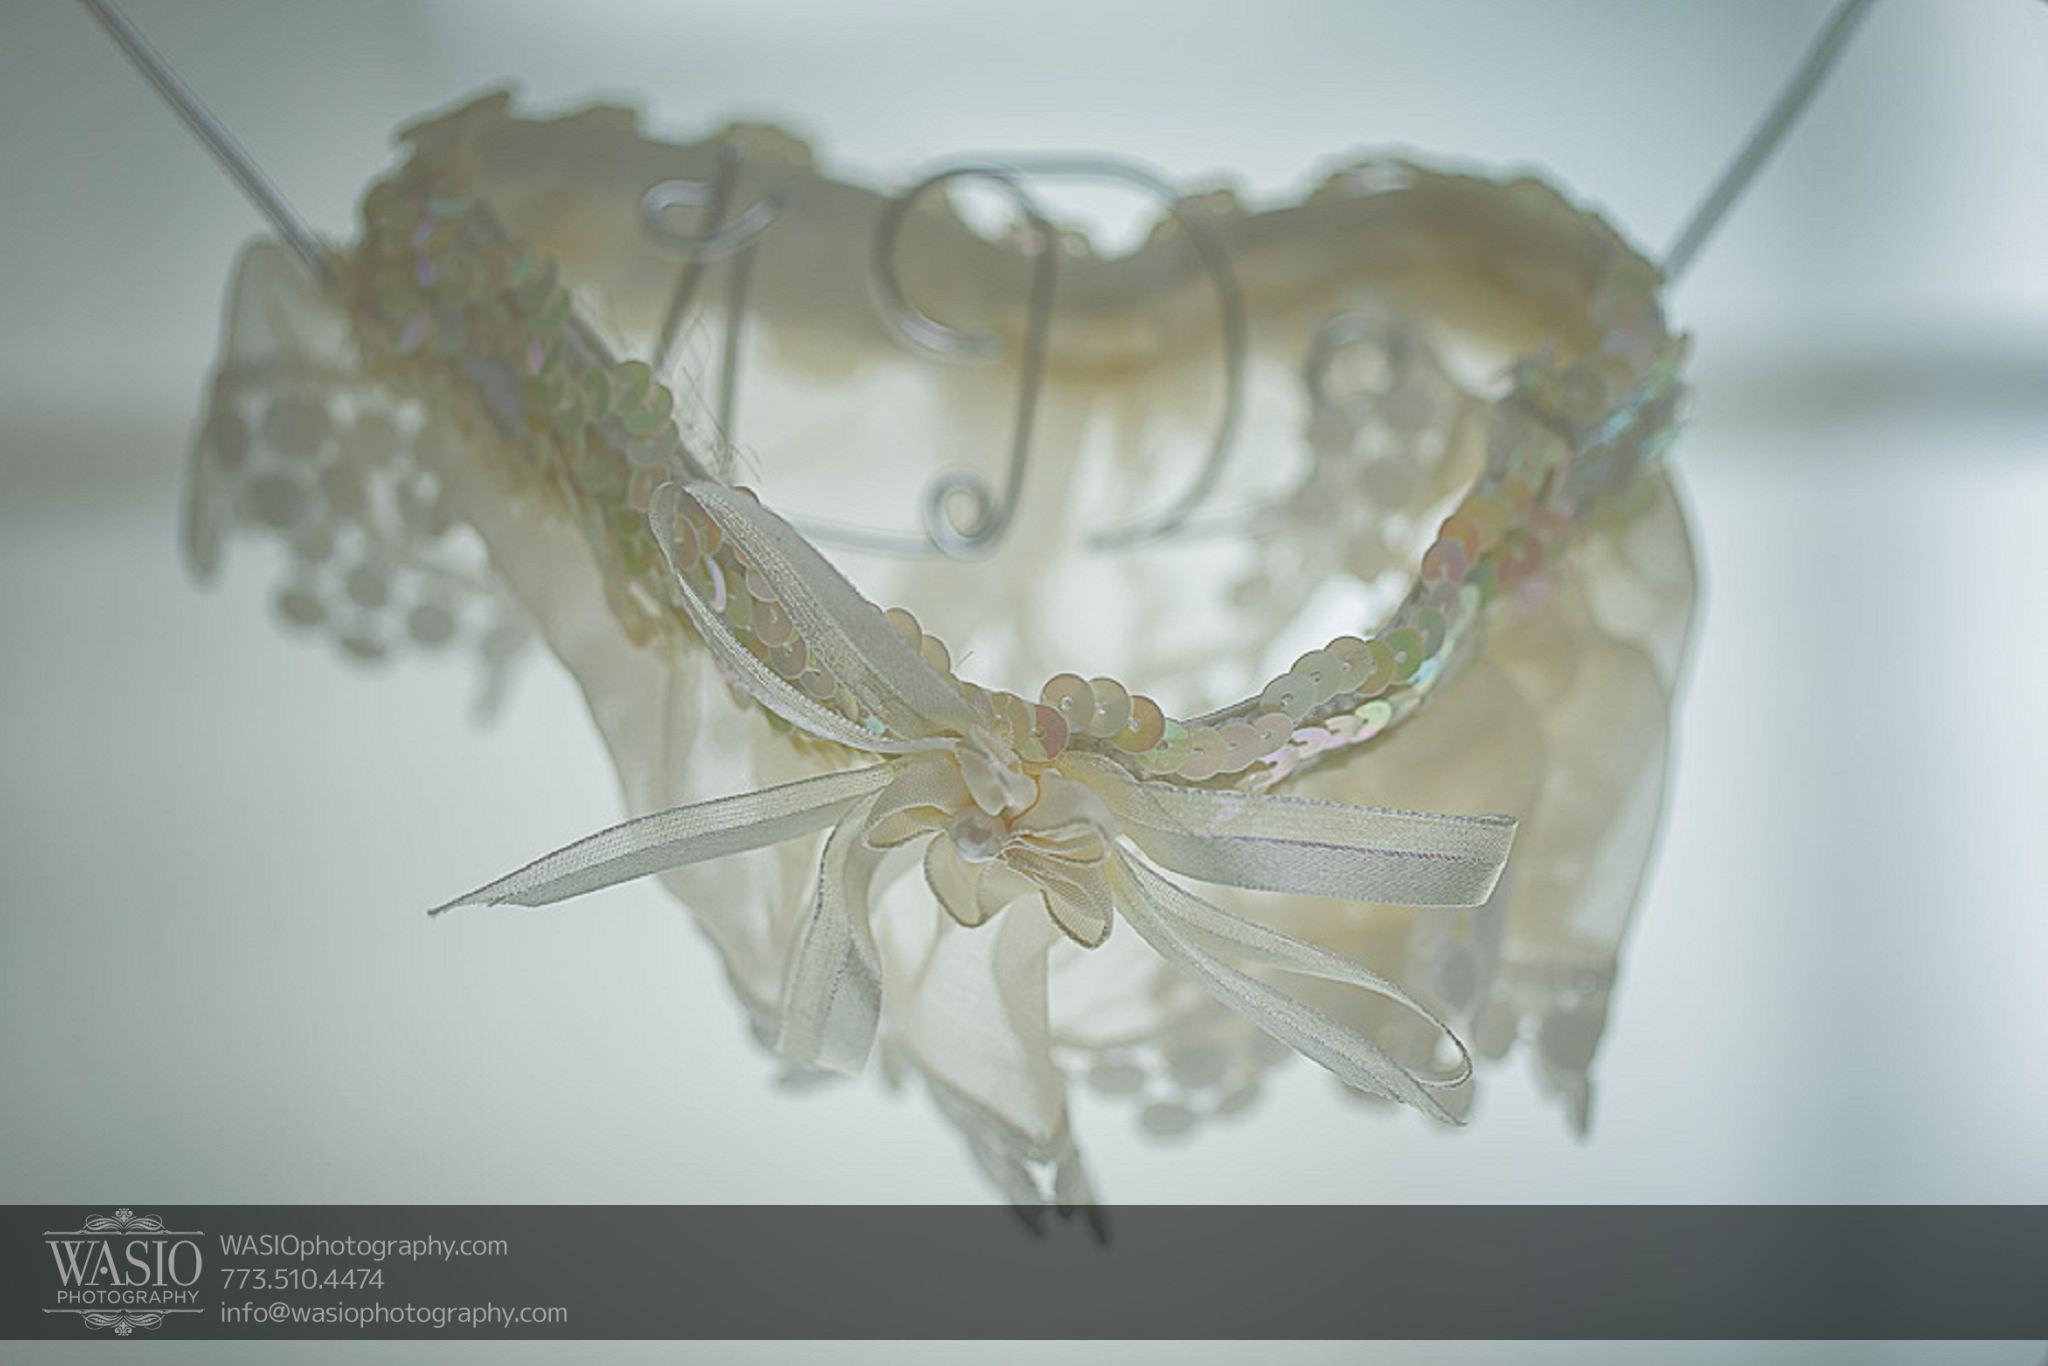 venue-one-chicago-wedding-i-do-custom-hanger-cute-garter-57 Venue One Chicago Wedding - Katie + Mike